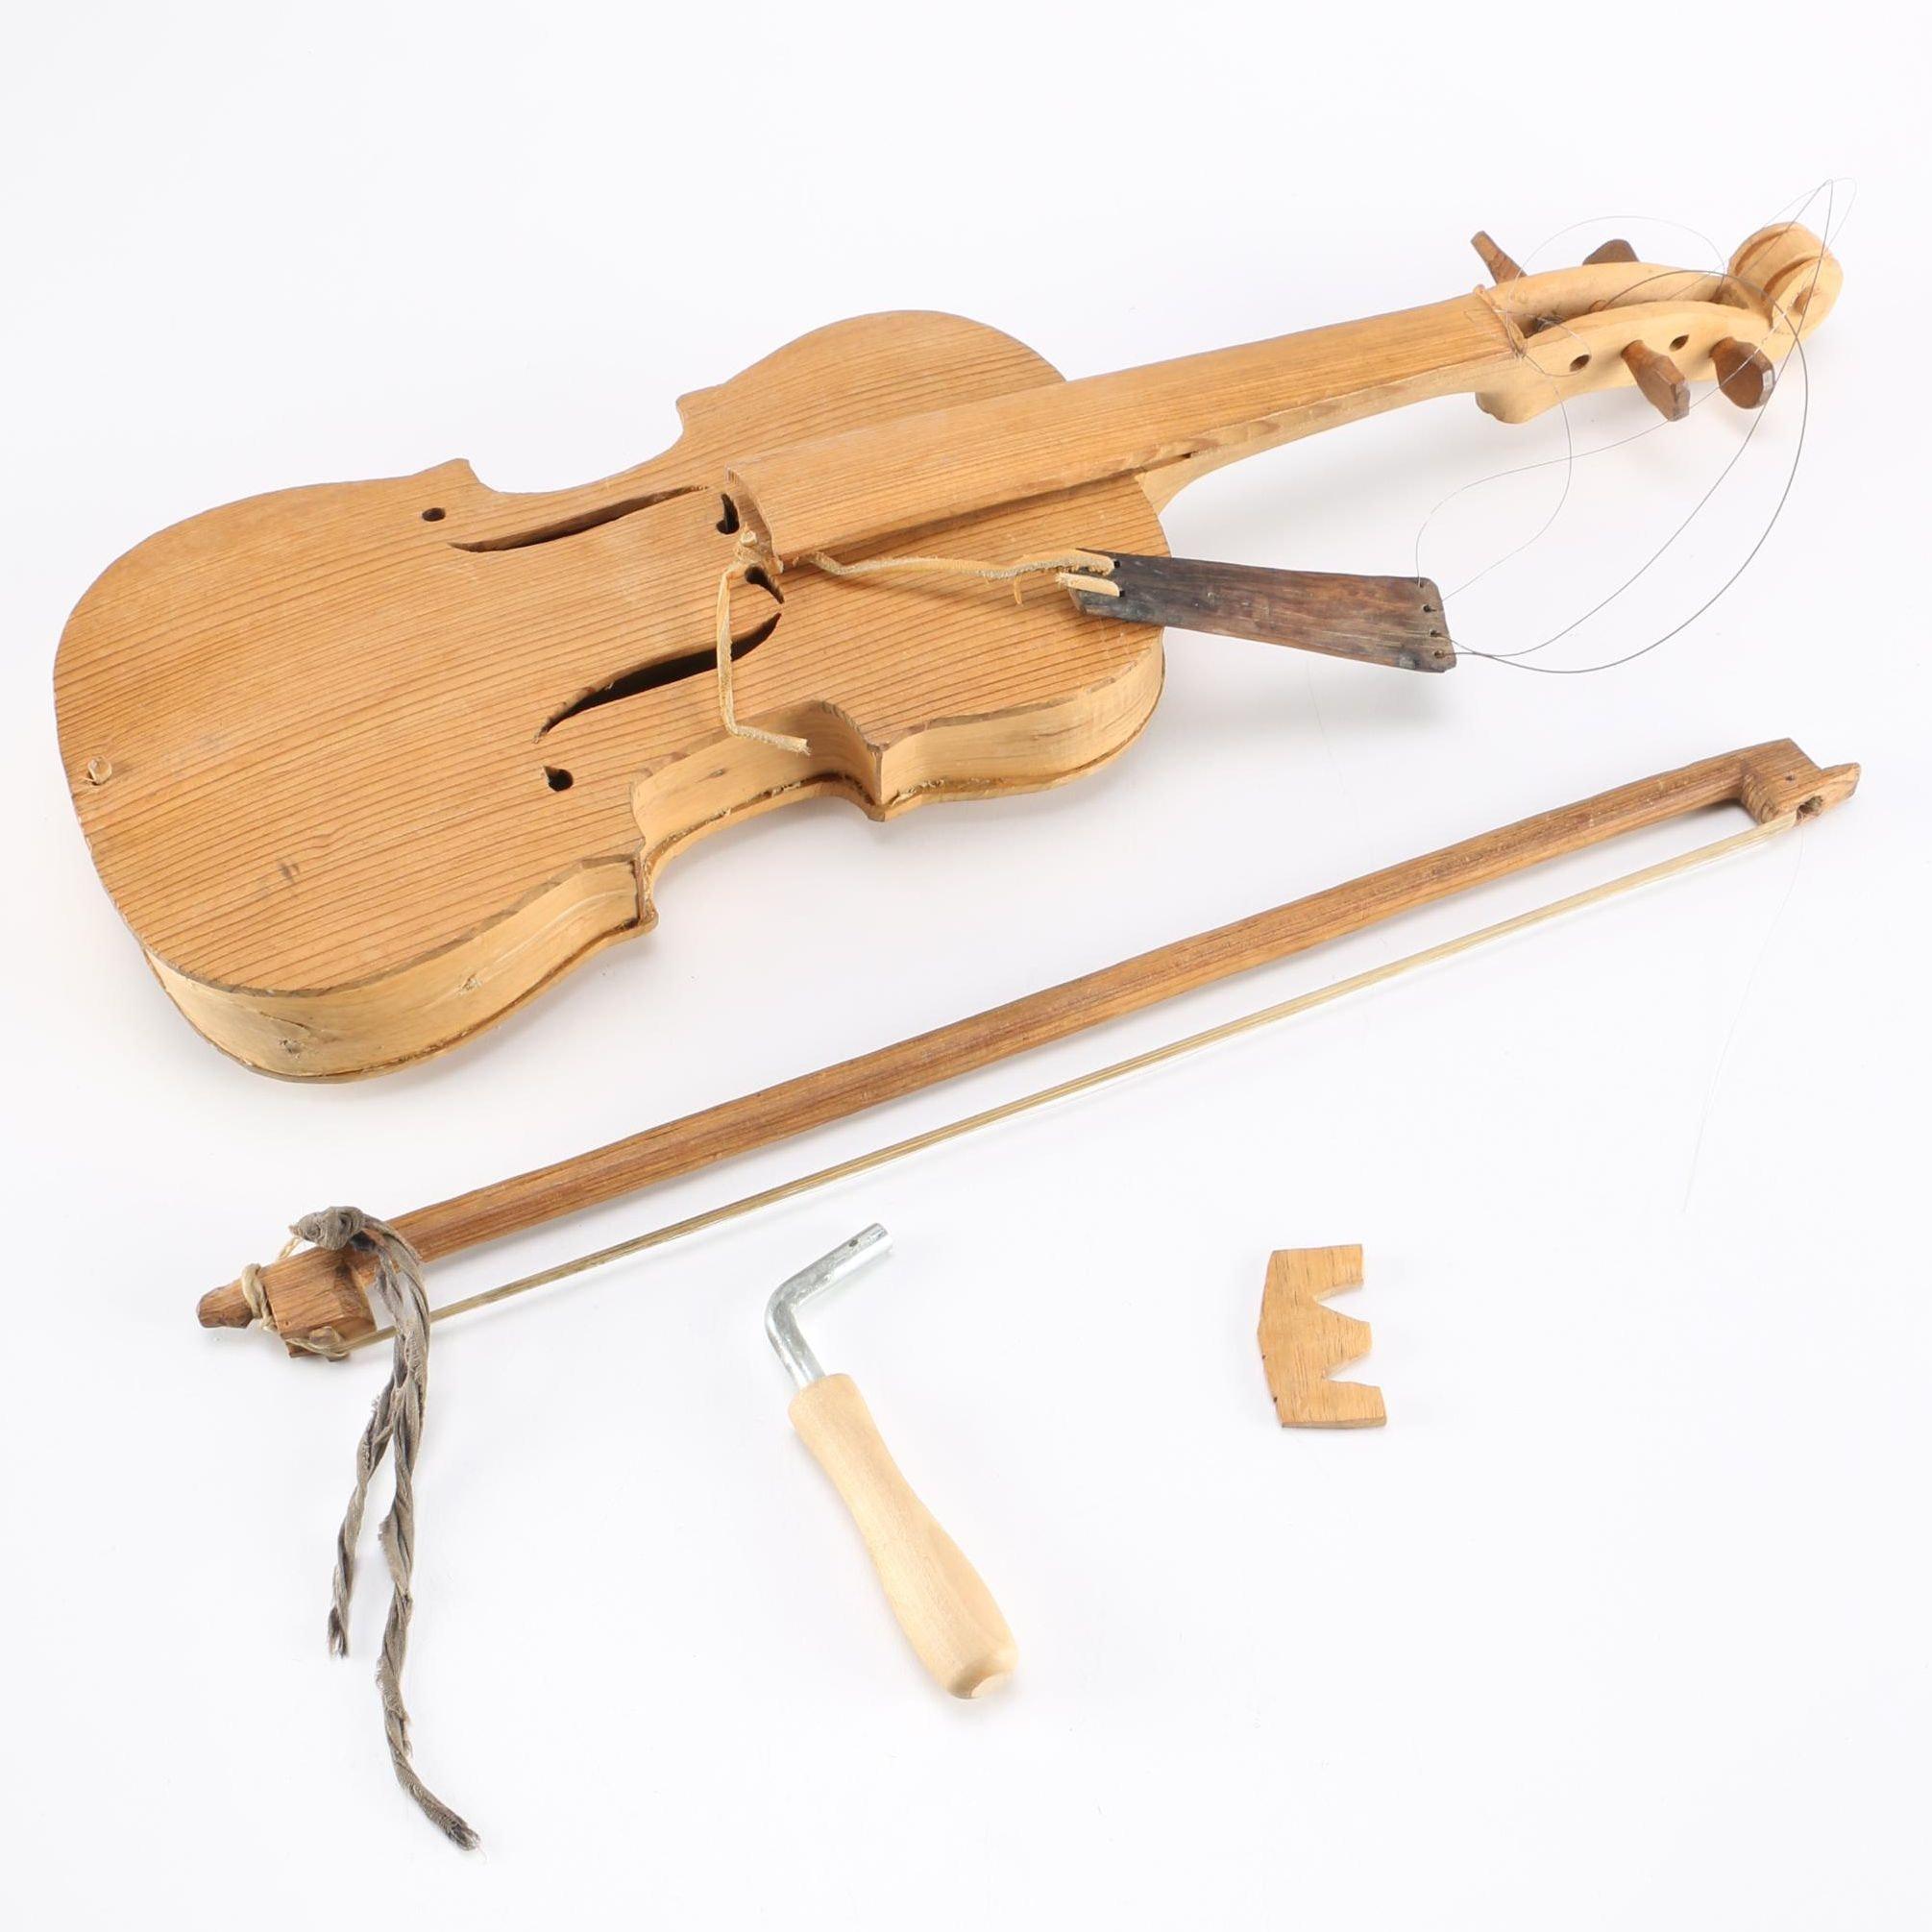 Decorative Wooden Violin Sculpture